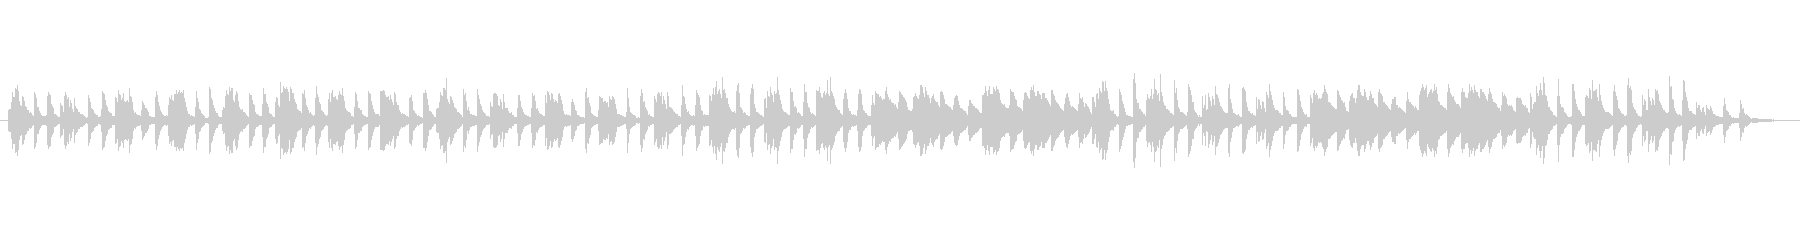 クラシックピアノ、チェルニーNo.48の未再生の波形